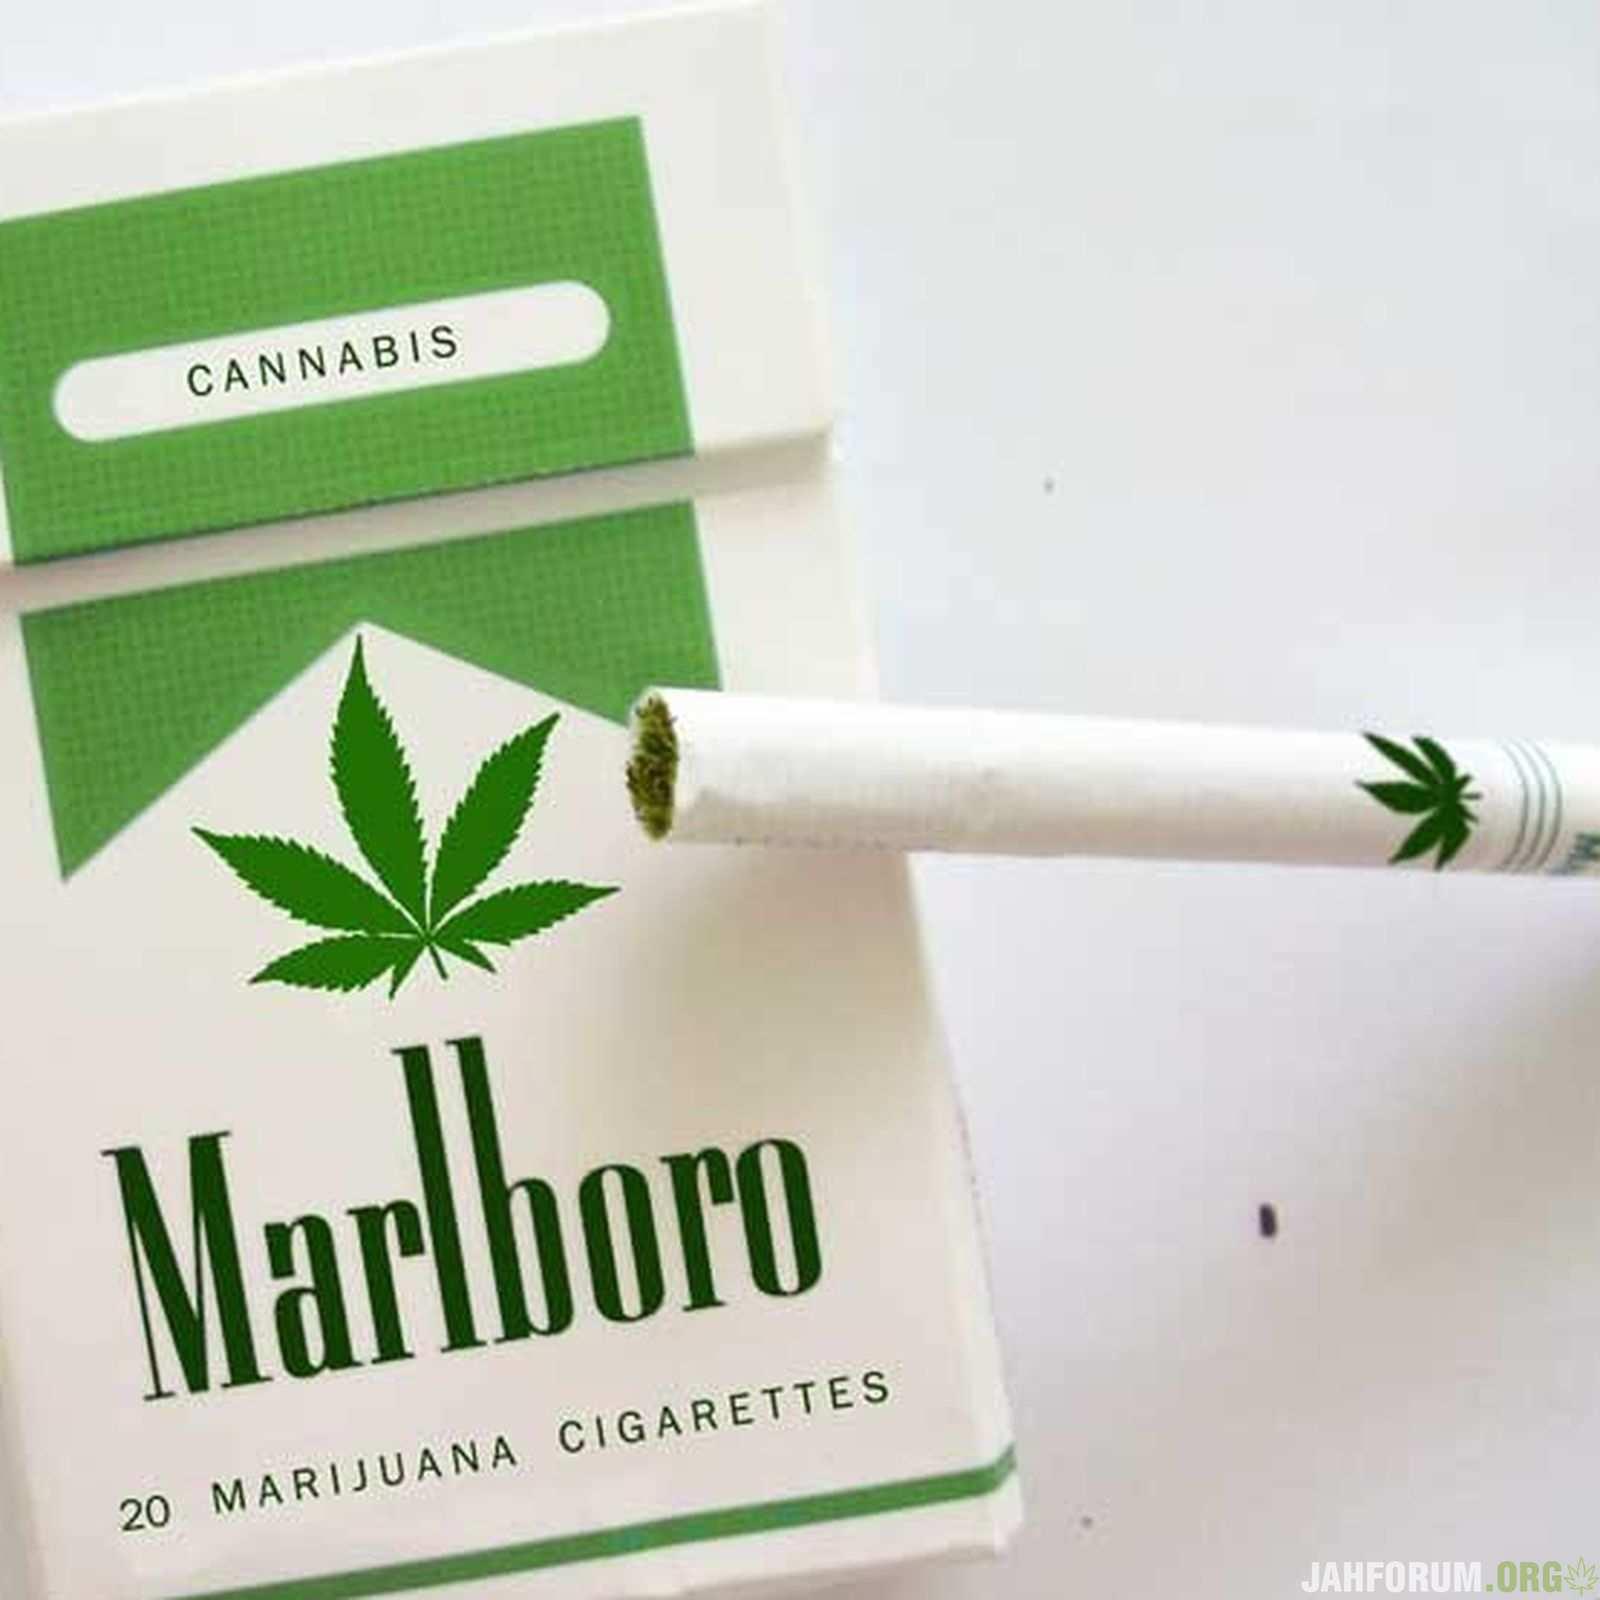 Владелец бренда Marlboro начал вести переговоры с крупной канадской конопляной компанией